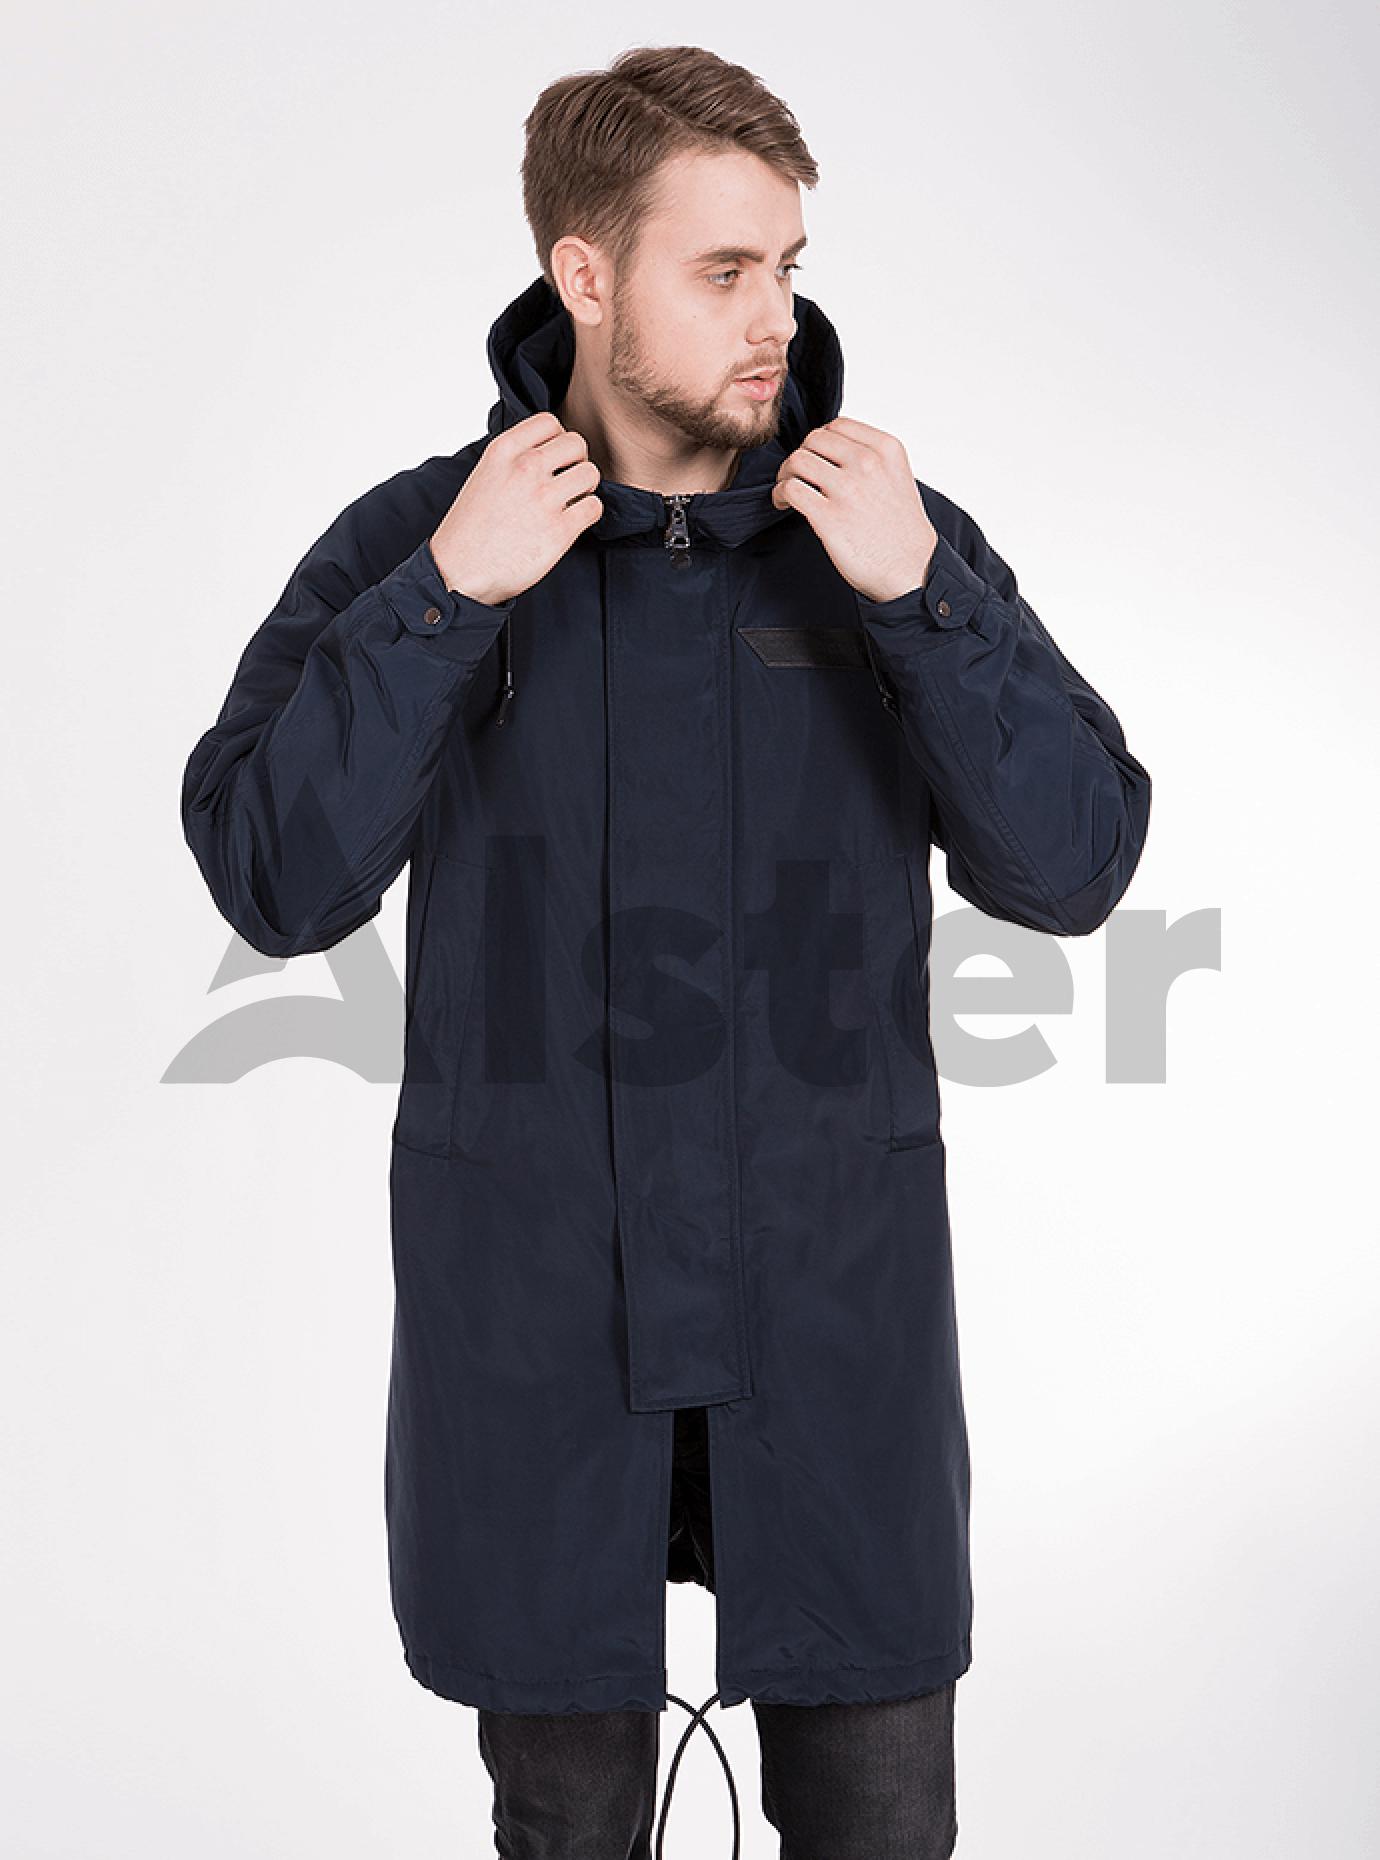 Куртка мужская демисезонная капюшон со змейкой Синий 46 (02-MC18033): фото - Alster.ua